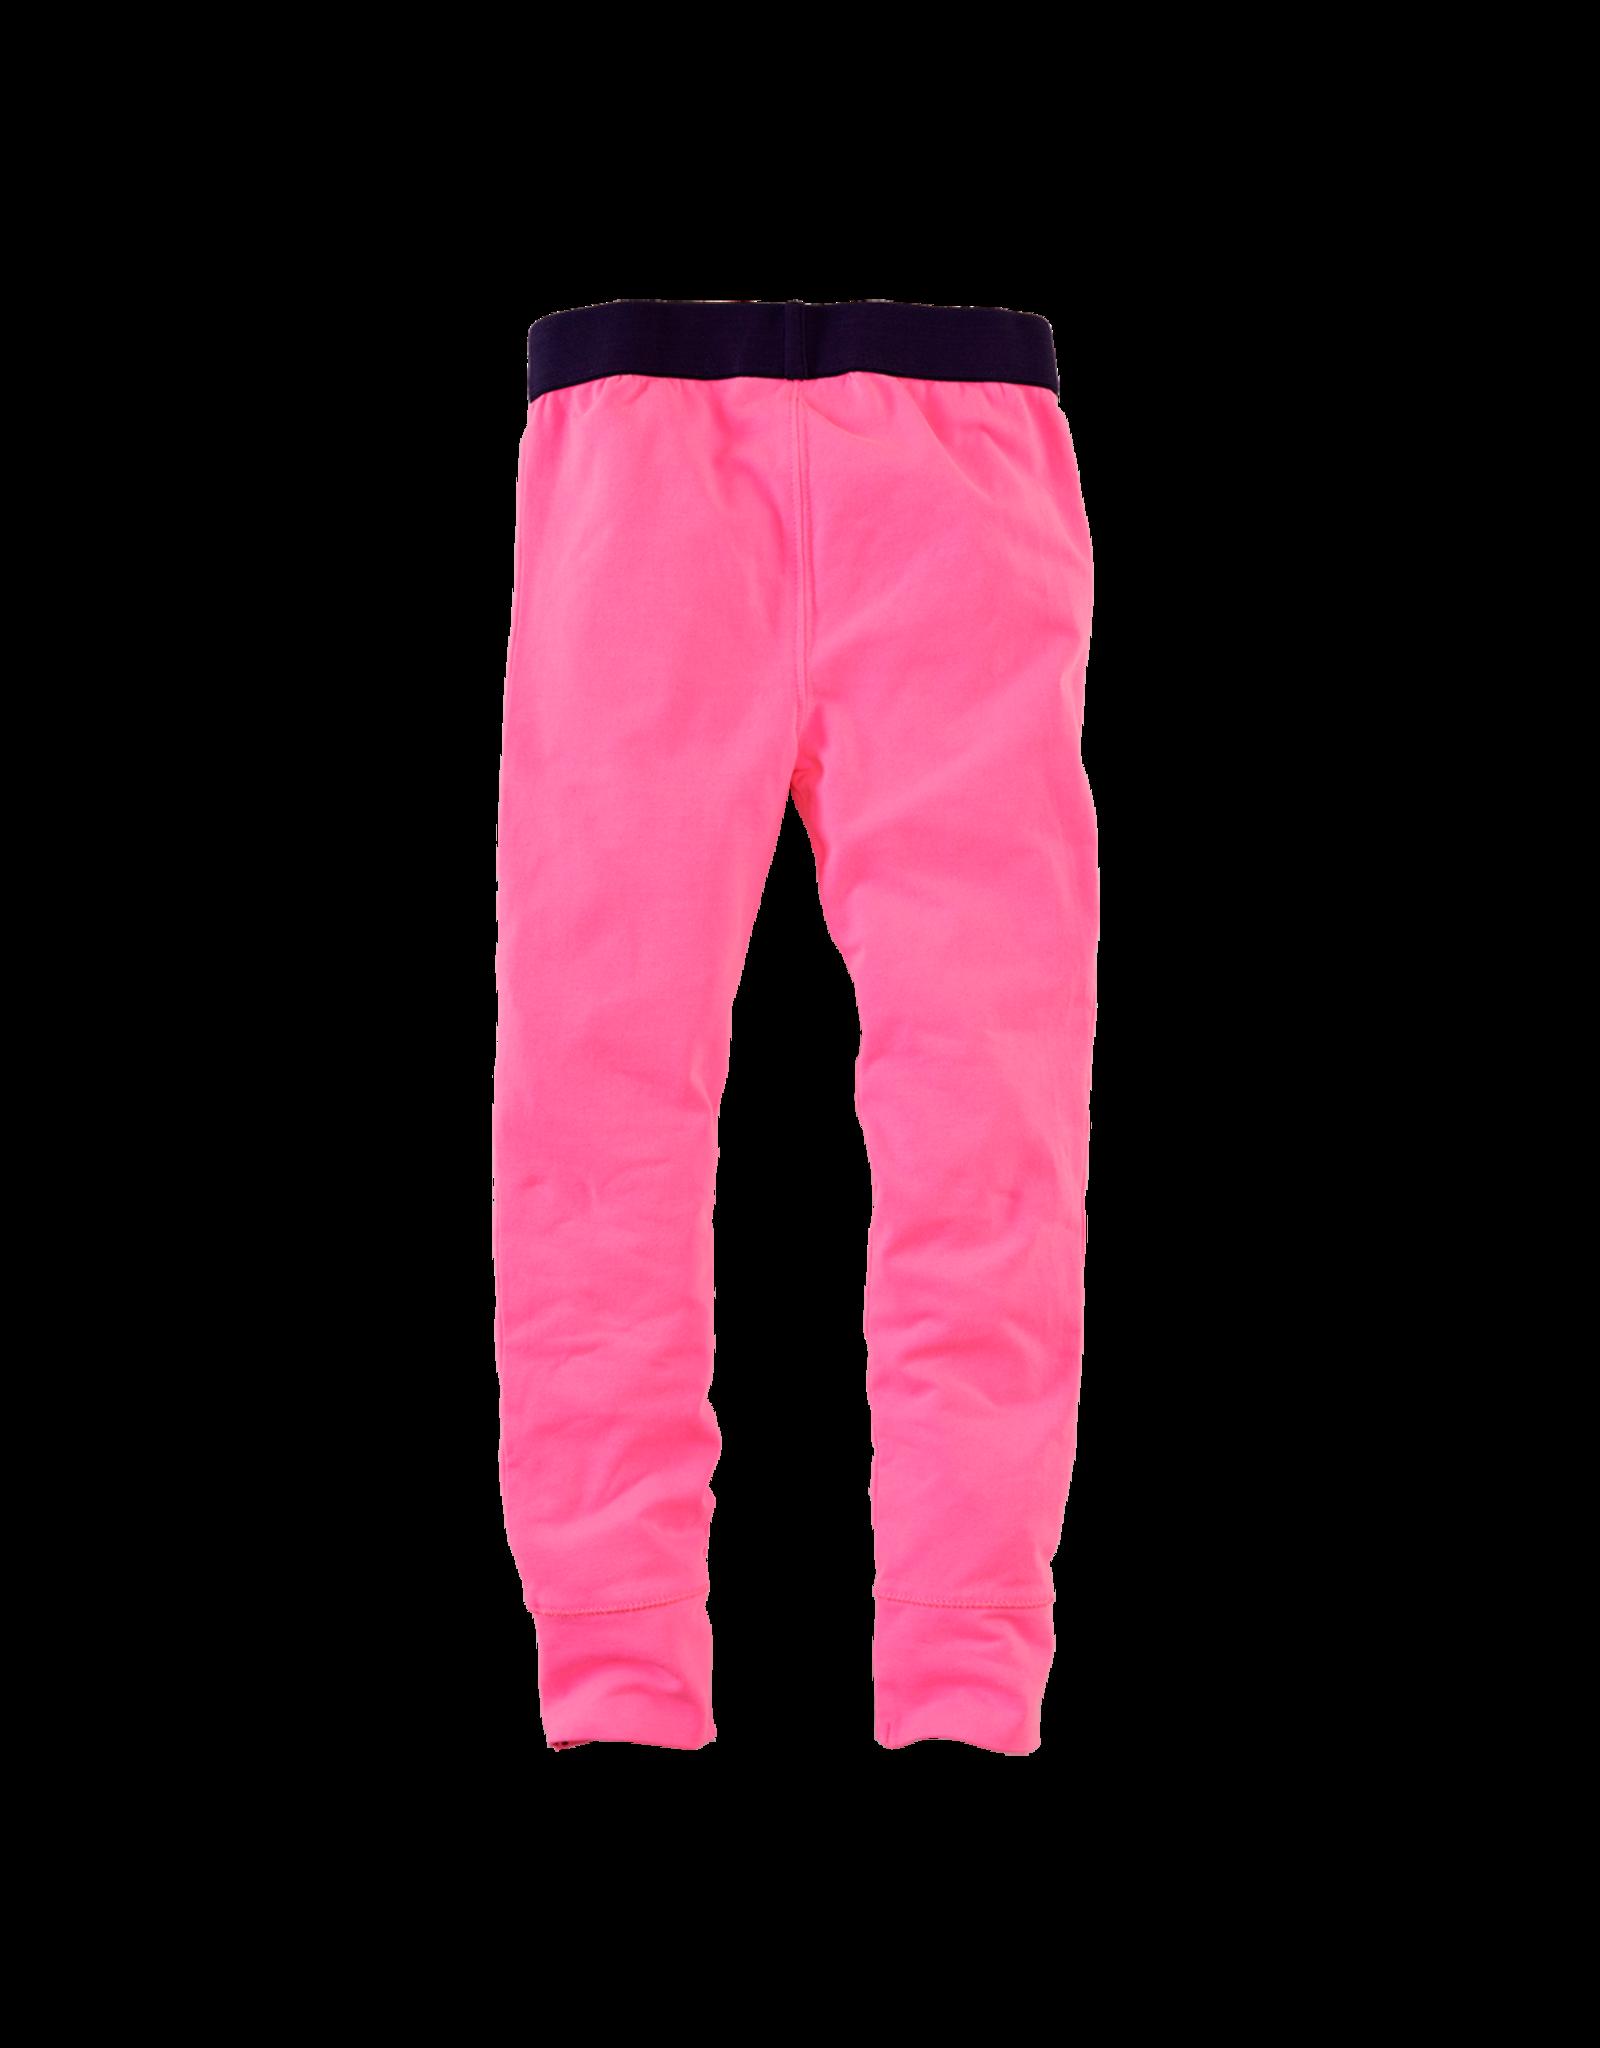 Z8 Karima 1 Neon pink